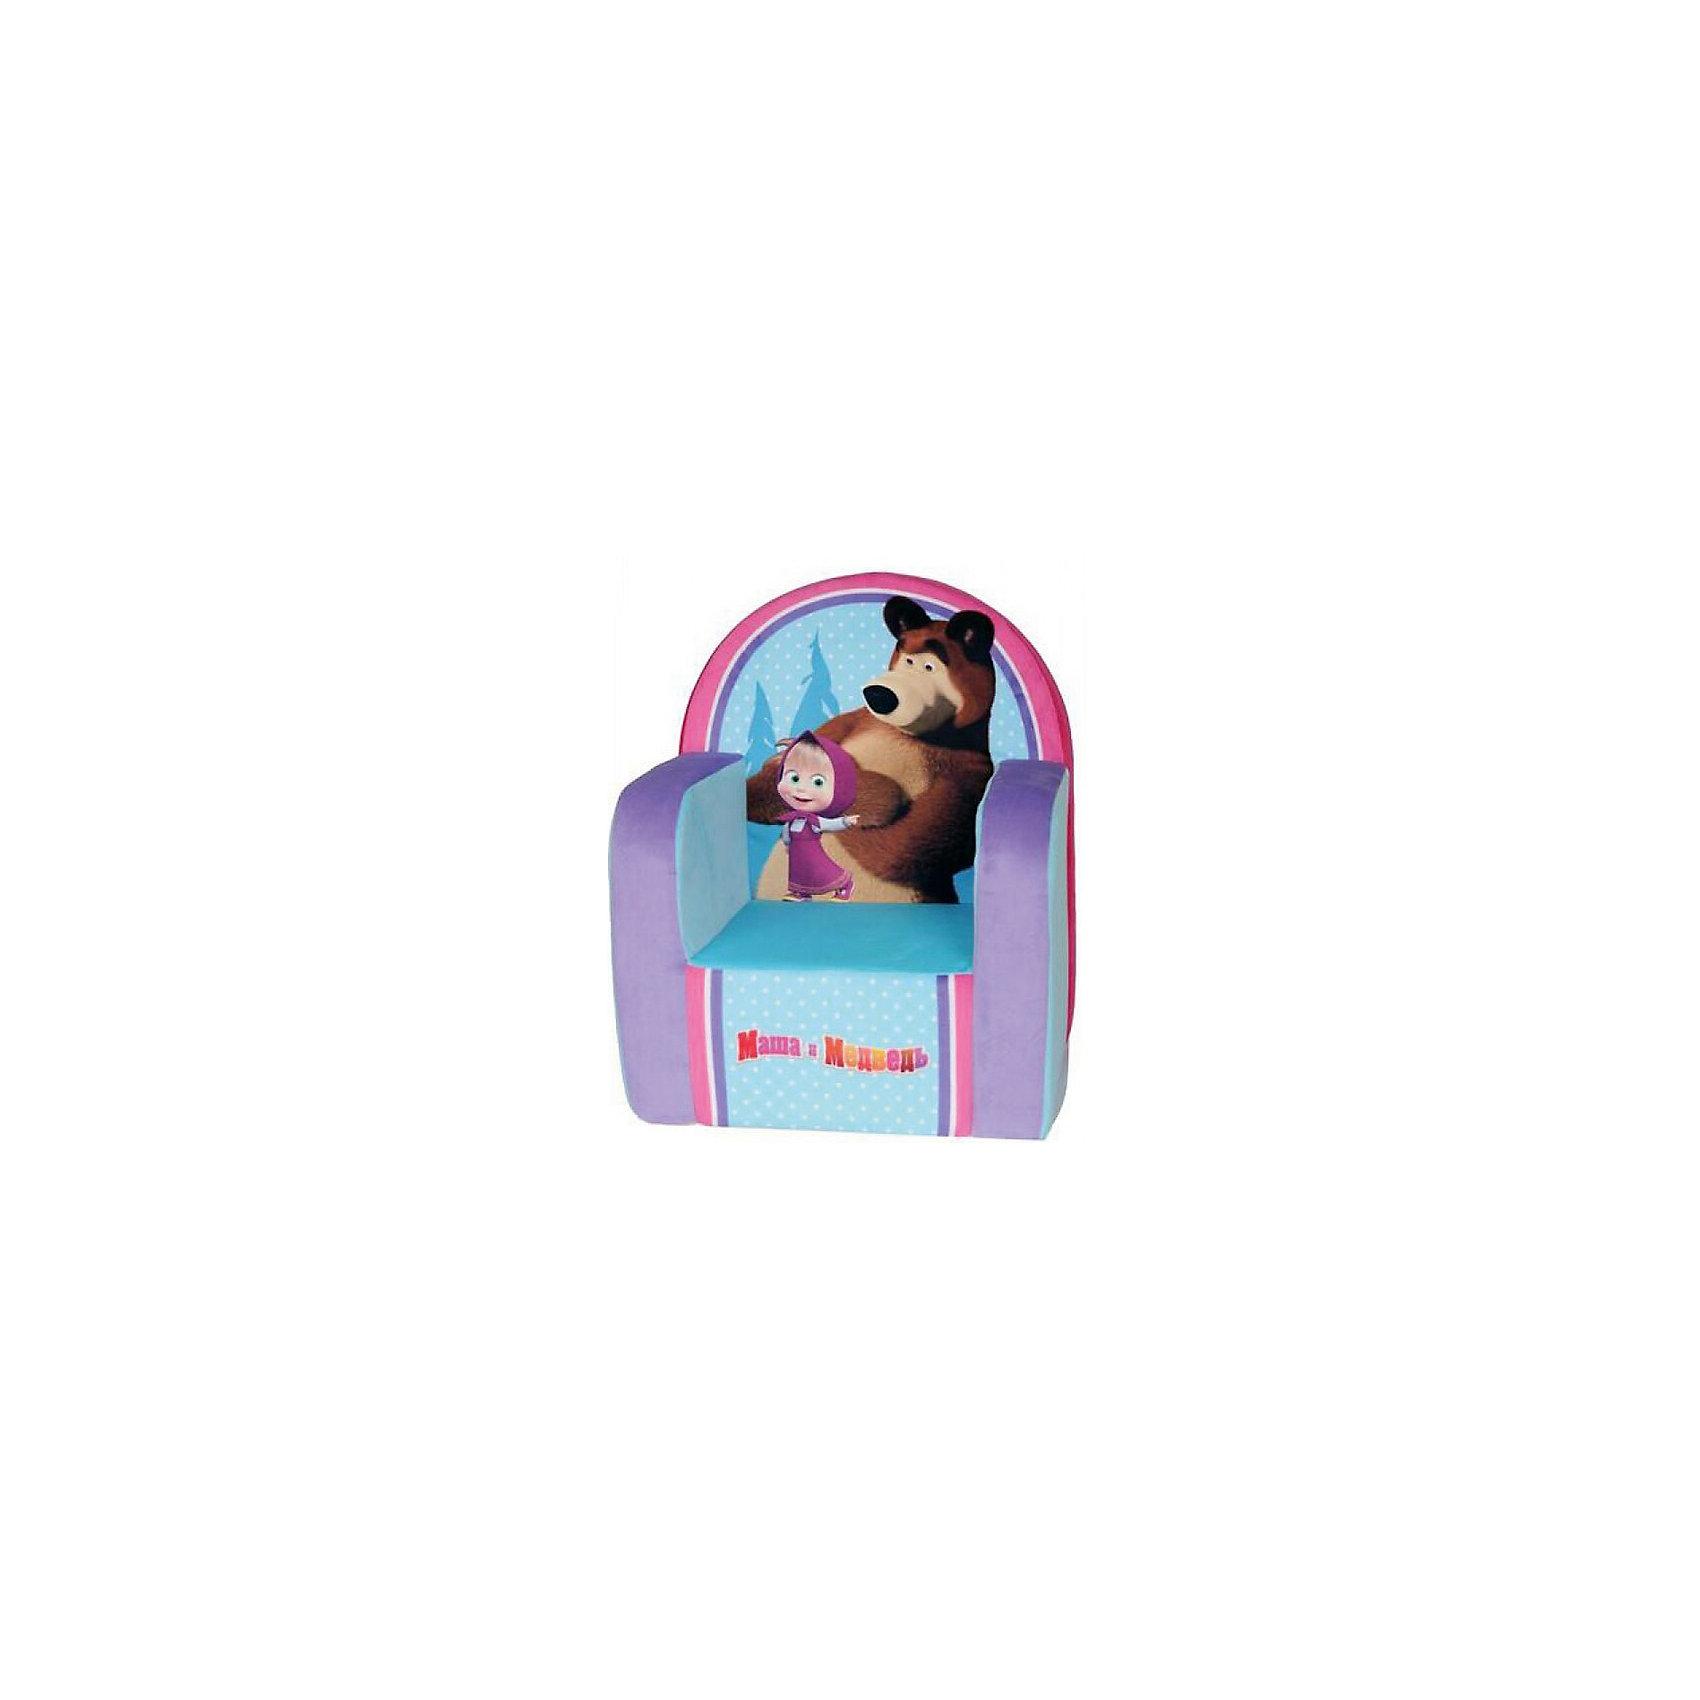 Мягкое кресло с чехлом Маша и Медведь с музыкальным элементом, СмолТойс, голубойМебель<br>Думаете, чем порадовать ребенка? Подарите это кресло! Детям очень важно иметь свои вещи, это касается не только посуды и игрушек, но и мебели. Именно поэтому такое кресло станет действительно желанным подарком для малыша. Тем более, что на нем есть изображение любимых мультяшных герои современных детей - Маши и Медведя.<br>Обивка кресла - мягкая и приятная на ощупь. Внутри предмет заполнен мягким пенополиуретаном, кресло имеет съемный чехол, который можно постирать при необходимости! Также в нем есть музыкальный модуль, позляющий ребенку слушать музыку  из мультика. Кресло легкое, но устойчивое. Детям будет интересно и удобно в нем сидеть или играть. Такое яркое и симпатичное кресло оживит и украсит комнату ребенка!<br><br>Дополнительная информация:<br><br>цвет: разноцветный;<br>материал: трикотаж, пенополиуретан, дерево;<br>декорировано изображением Маши и Медведя;<br>музыкальный модуль;<br>съемный чехол;<br>размер: 530 х 320 х 410 мм.<br><br>Мягкое кресло с чехлом Маша и Медведь с музыкальным элементом можно купить в нашем магазине.<br><br>Ширина мм: 32<br>Глубина мм: 41<br>Высота мм: 53<br>Вес г: 1000<br>Возраст от месяцев: 36<br>Возраст до месяцев: 1188<br>Пол: Унисекс<br>Возраст: Детский<br>SKU: 4996597